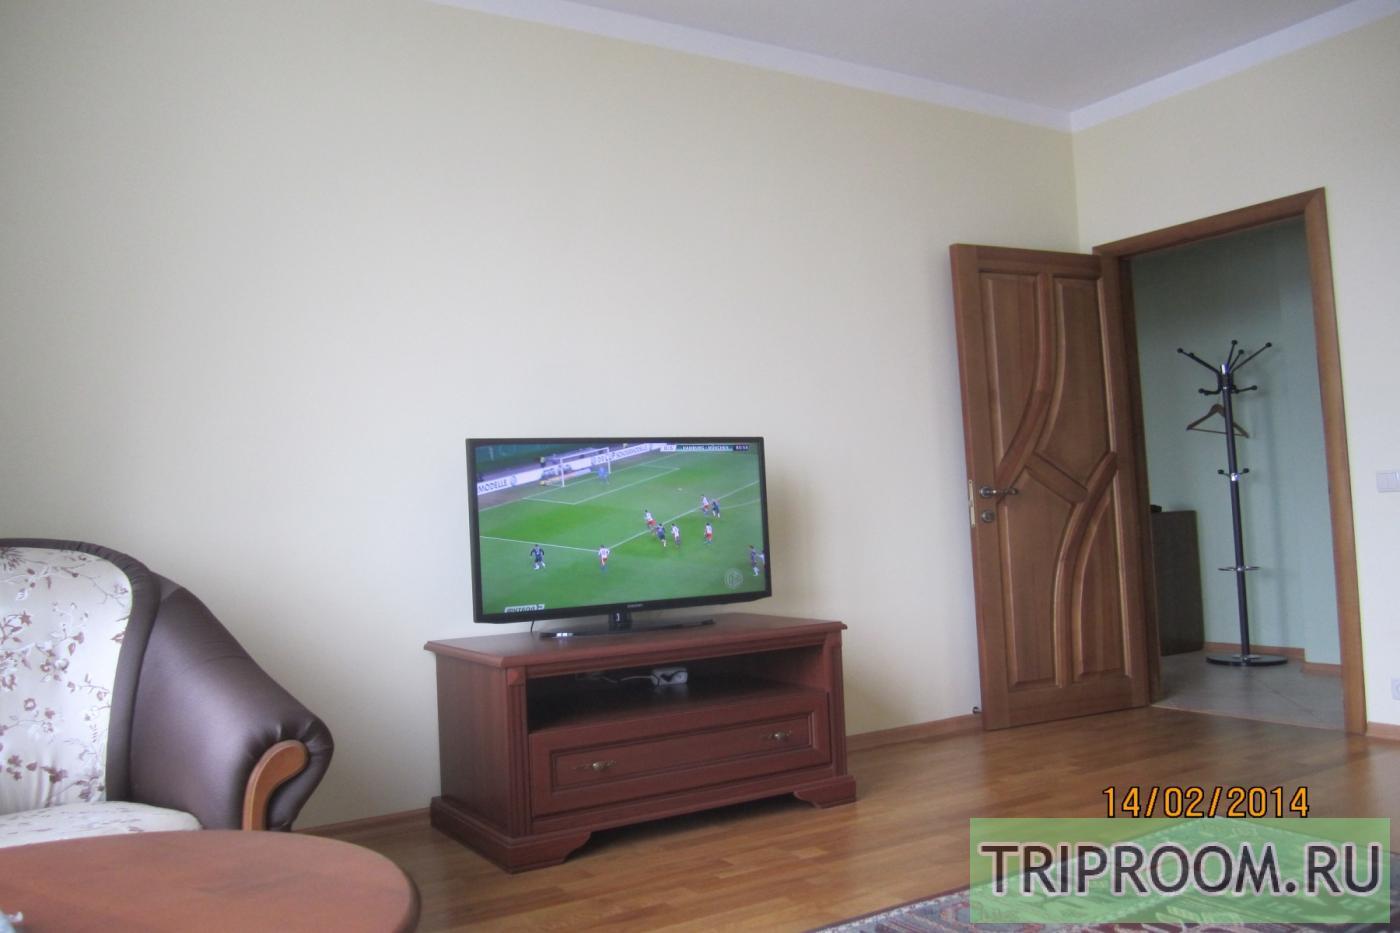 2-комнатная квартира посуточно (вариант № 23105), ул. Челнокова, фото № 4